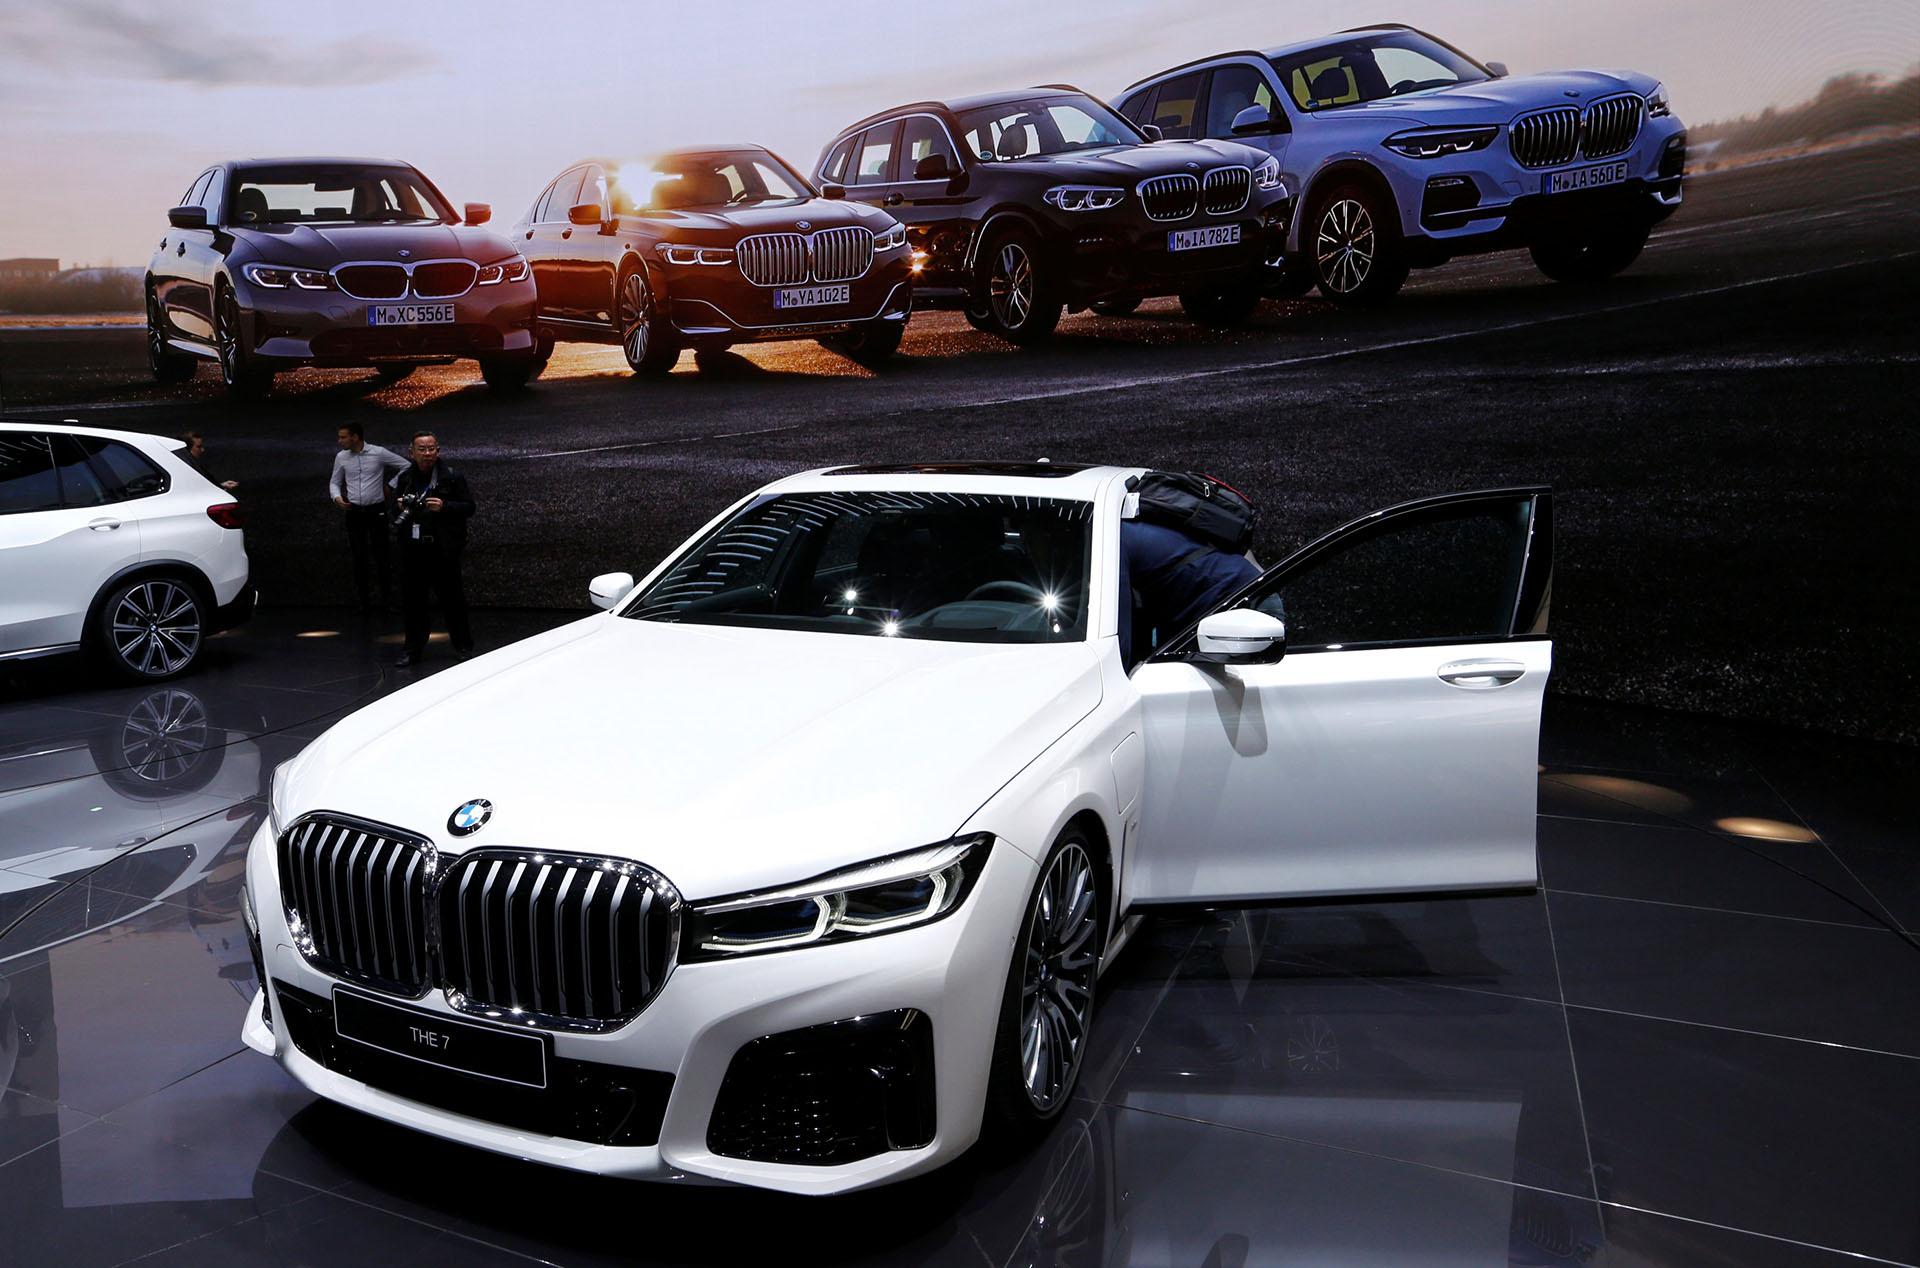 El BMW Serie 7pertenece a la cuarta generación de híbridos enchufables de BMW, que aumentó hasta un 30% la autonomía